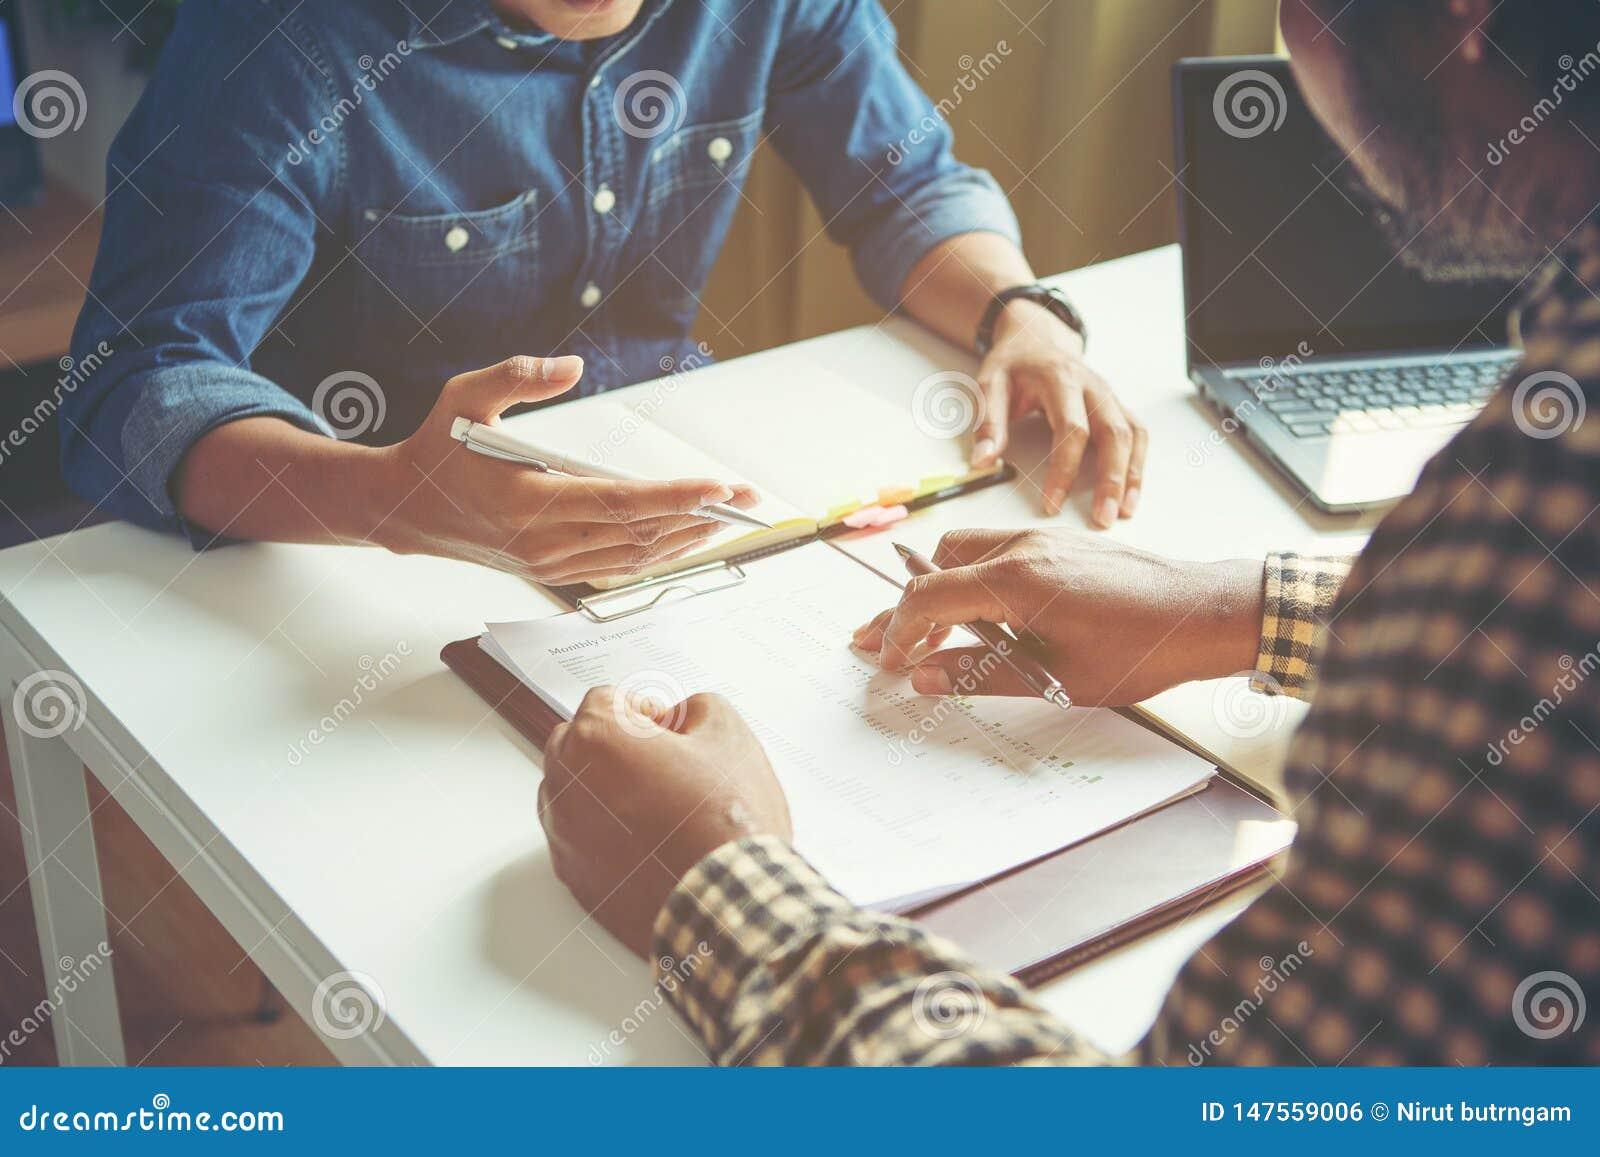 Ο επιχειρηματίας αναλύει την έννοια, νέο πλήρωμα Διευθυντών επιχείρησης που απασχολείται στο νέο πρόγραμμα ξεκινήματος